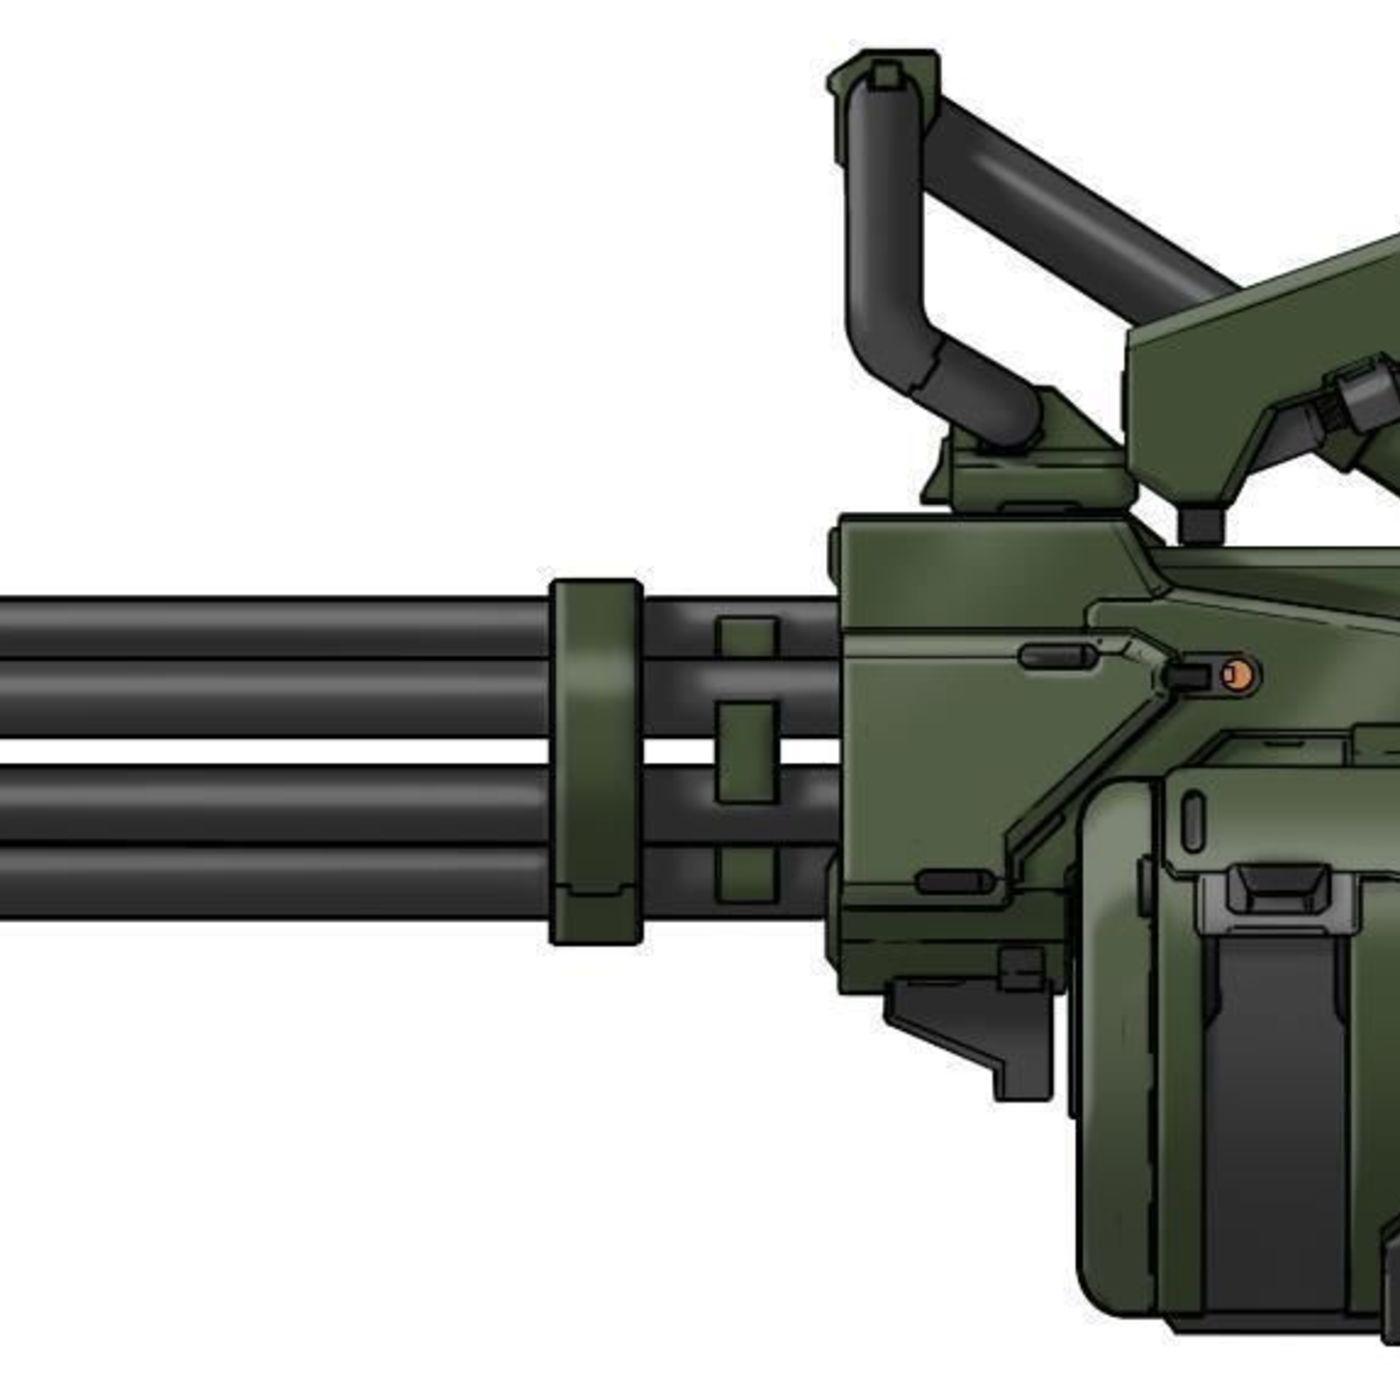 GUNFORGE weapon constructor